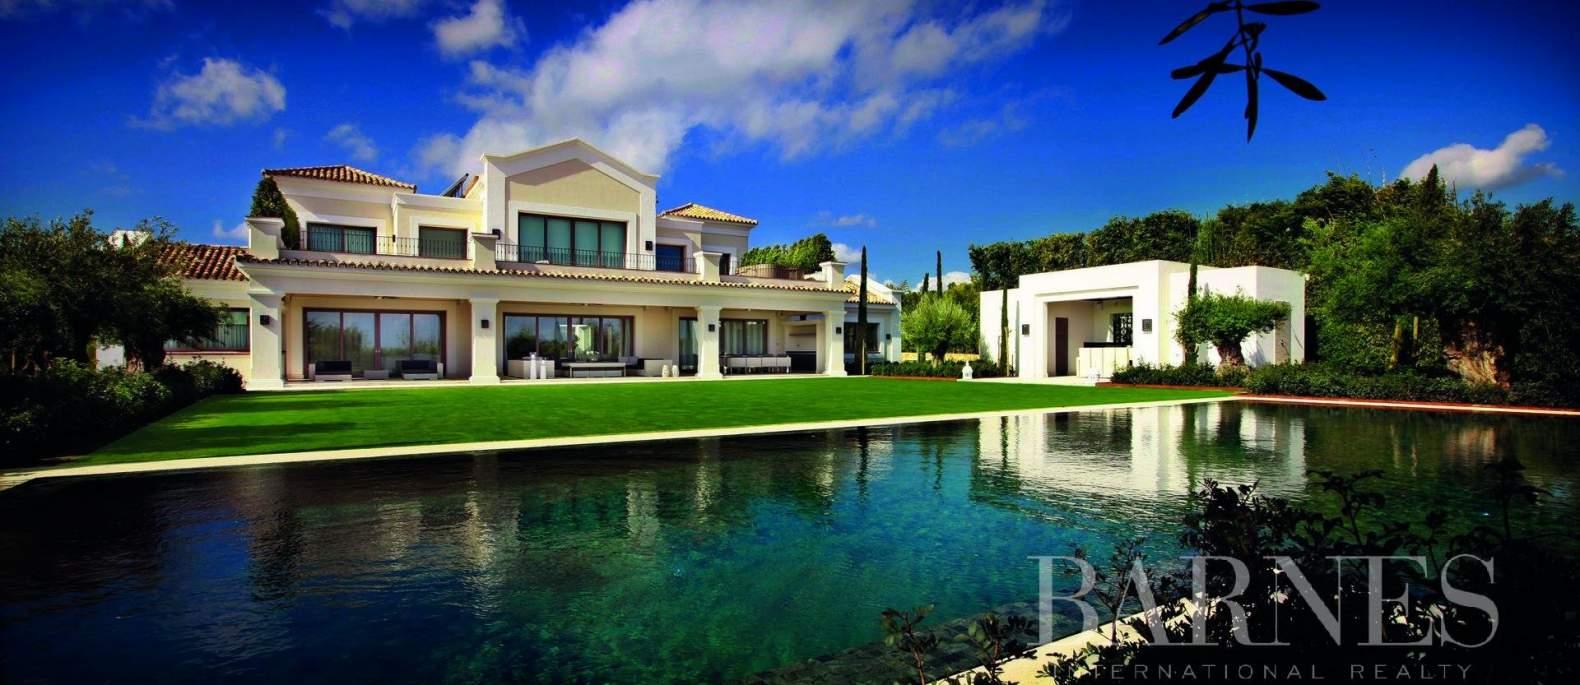 Sotogrande  - Villa  6 Habitaciones - picture 2